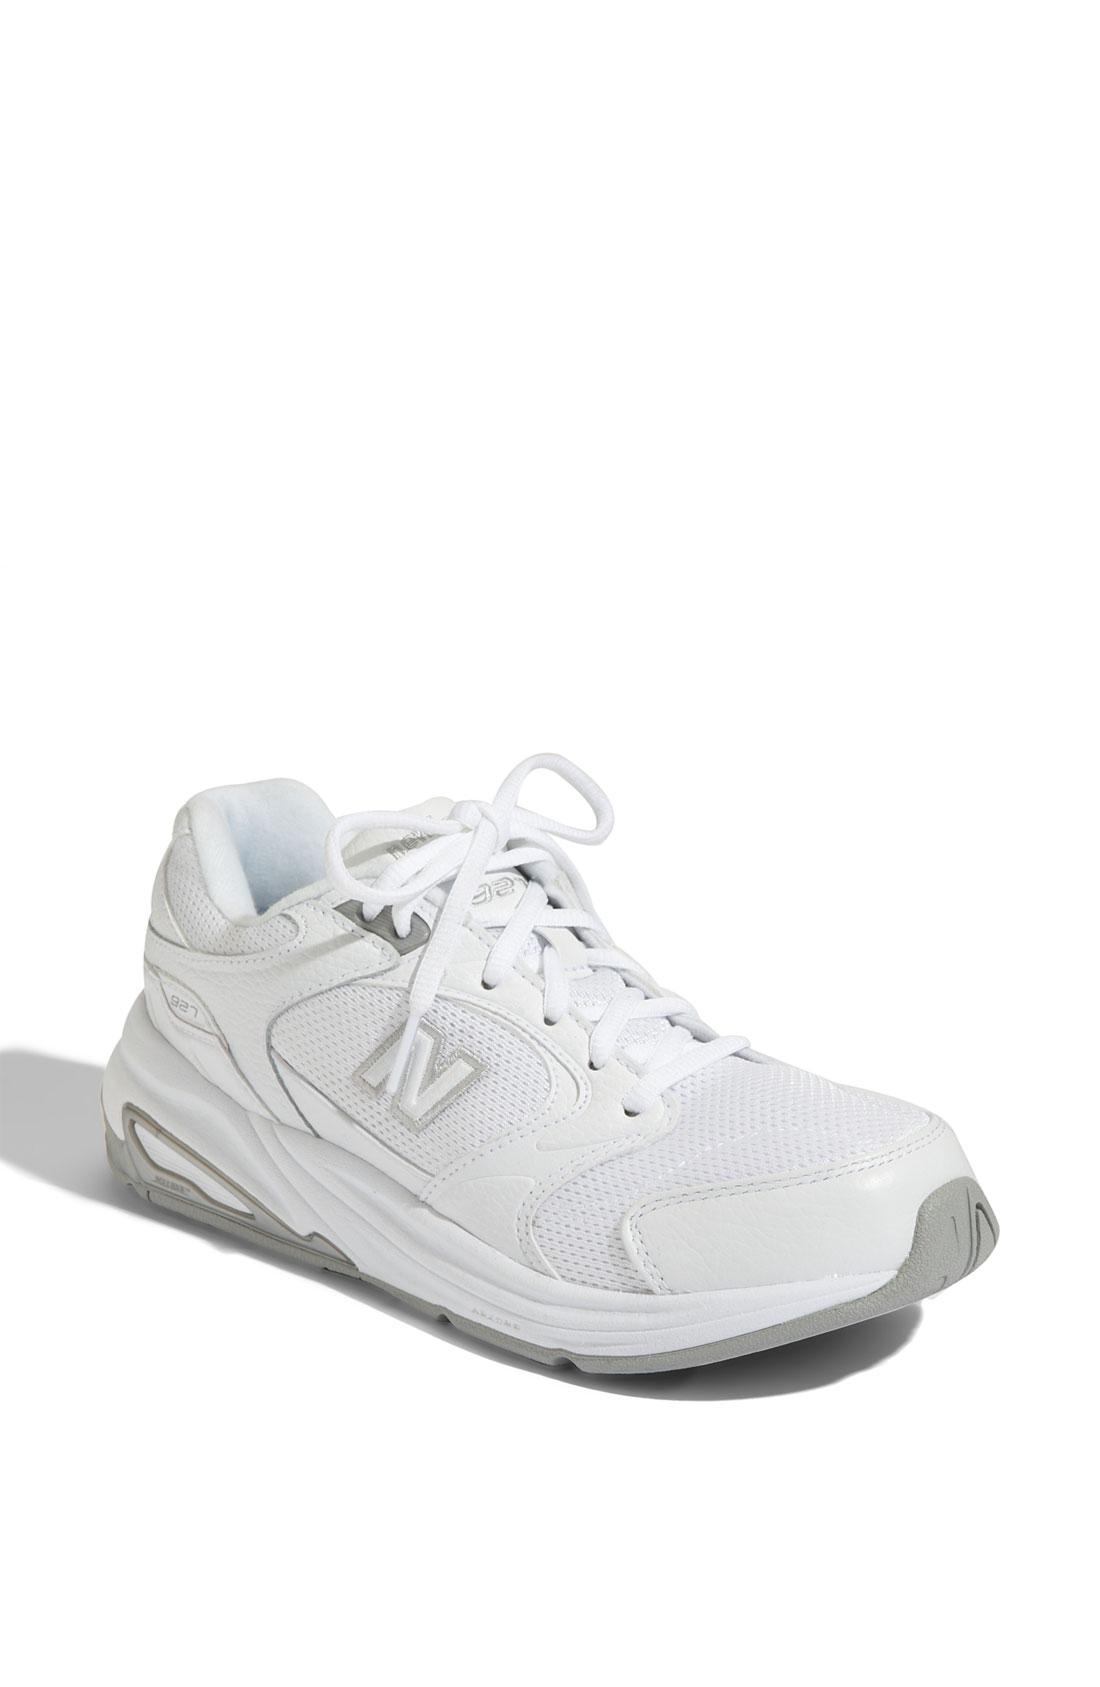 new balance 927 walking shoe in white white mesh